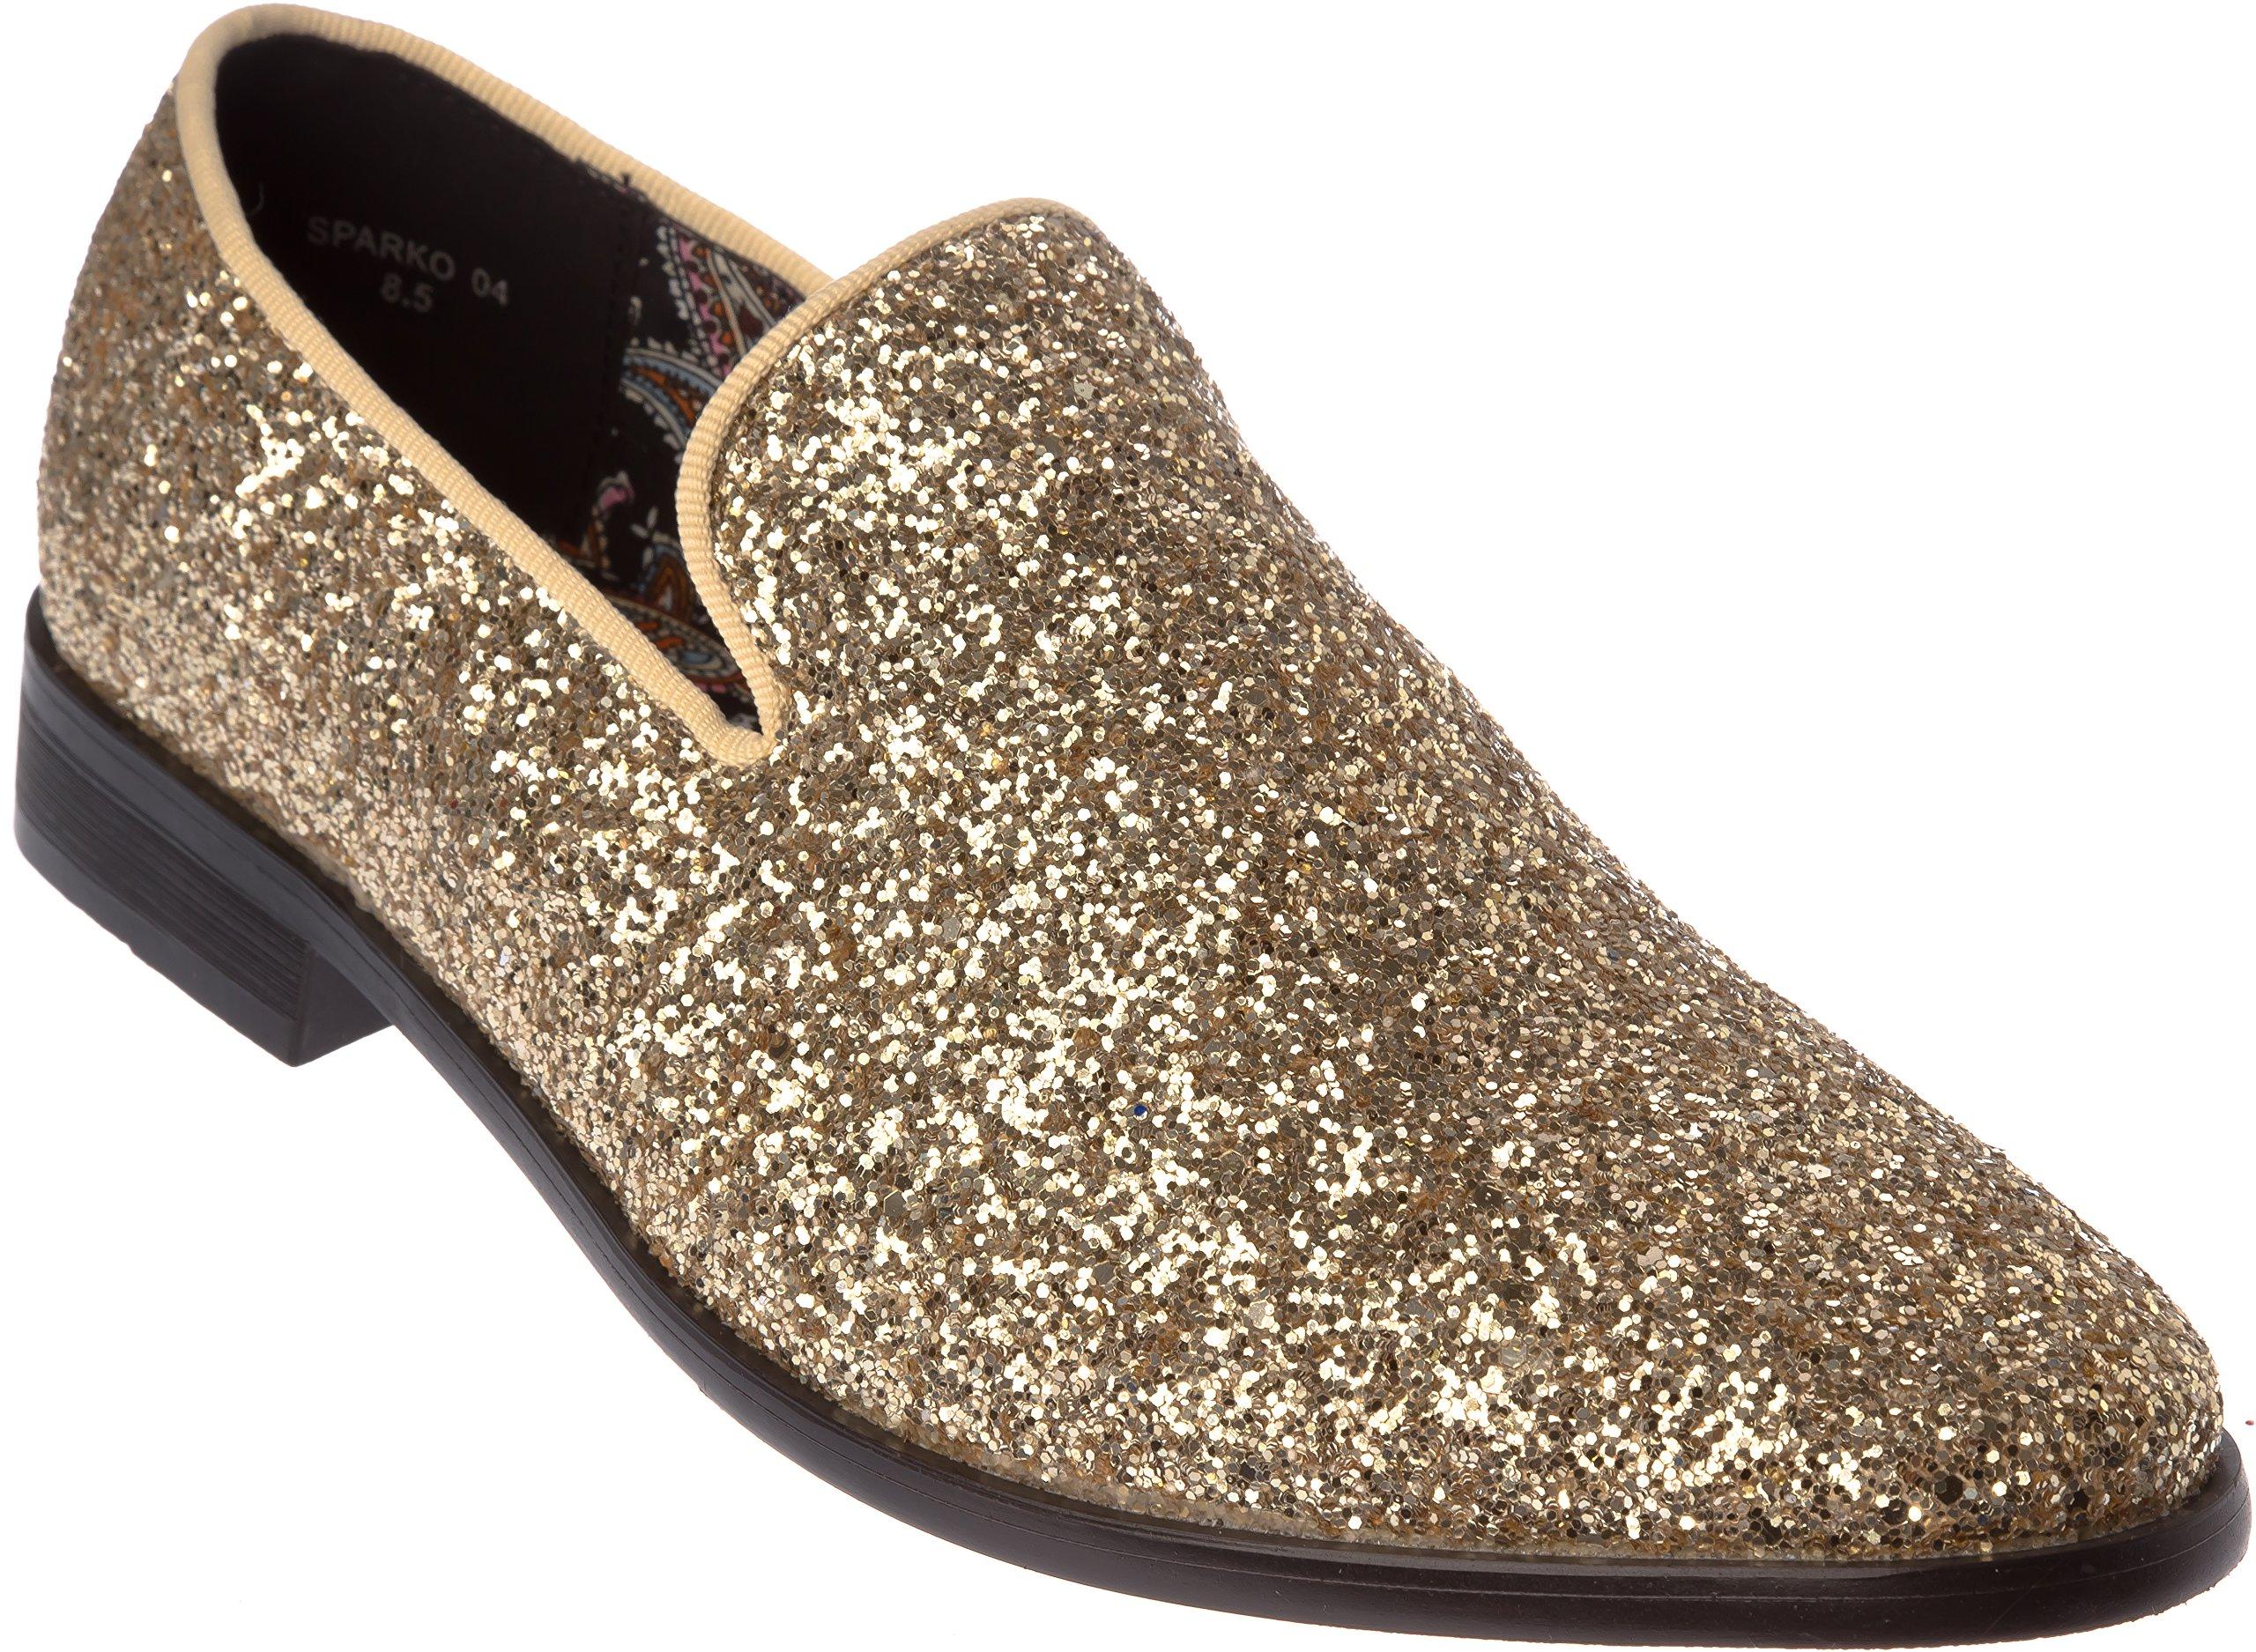 sparko04s Mens Slip-On Fashion-Loafer Sparkling-Glitter Gold Dress-Shoes Size 8.5